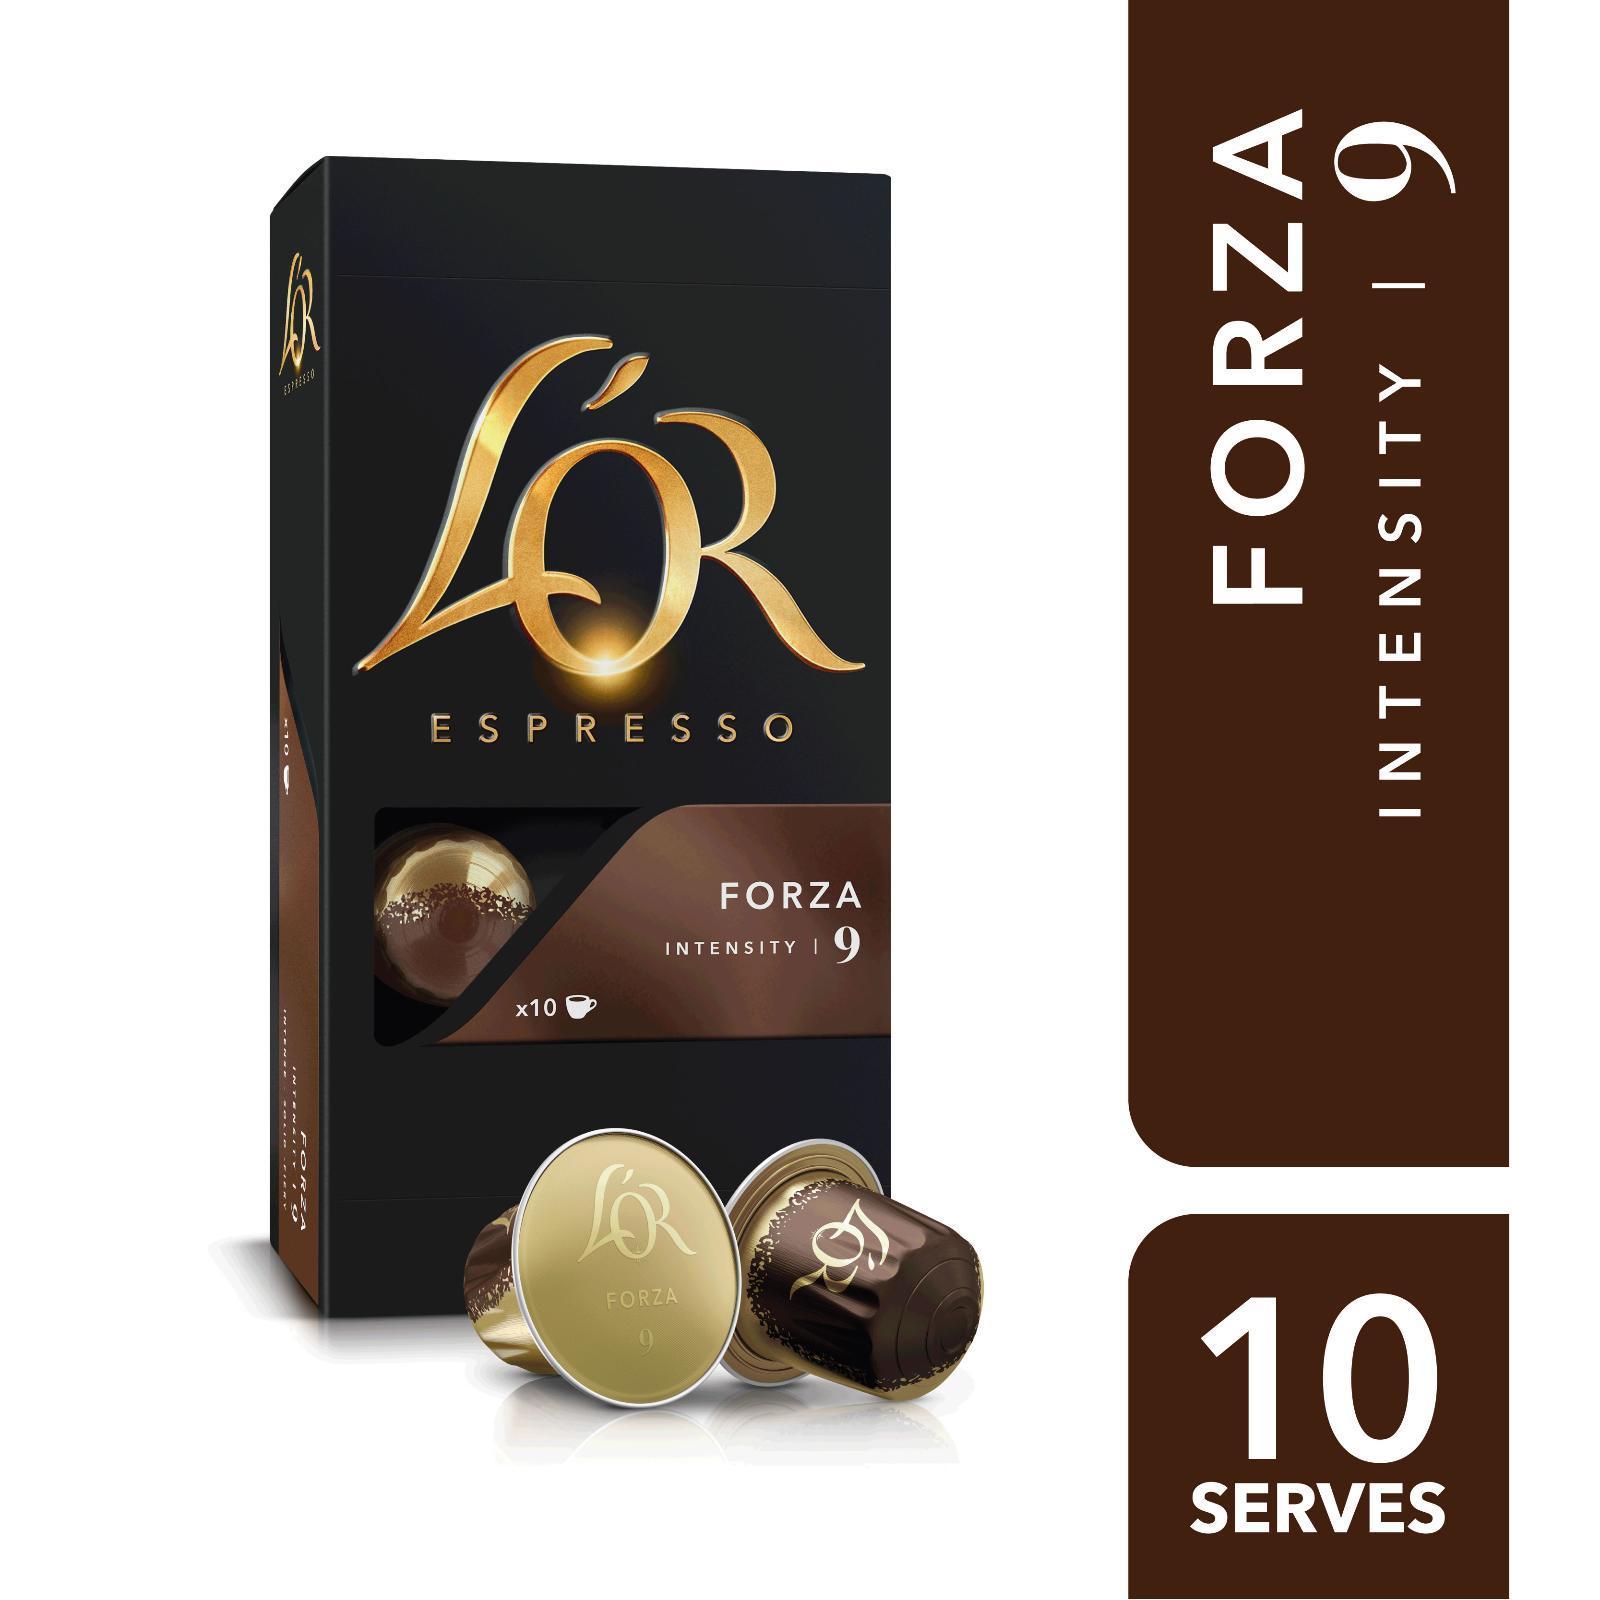 L'OR Espresso Forza Intensity 9 - Nespresso®* Compatible Coffee Capsules